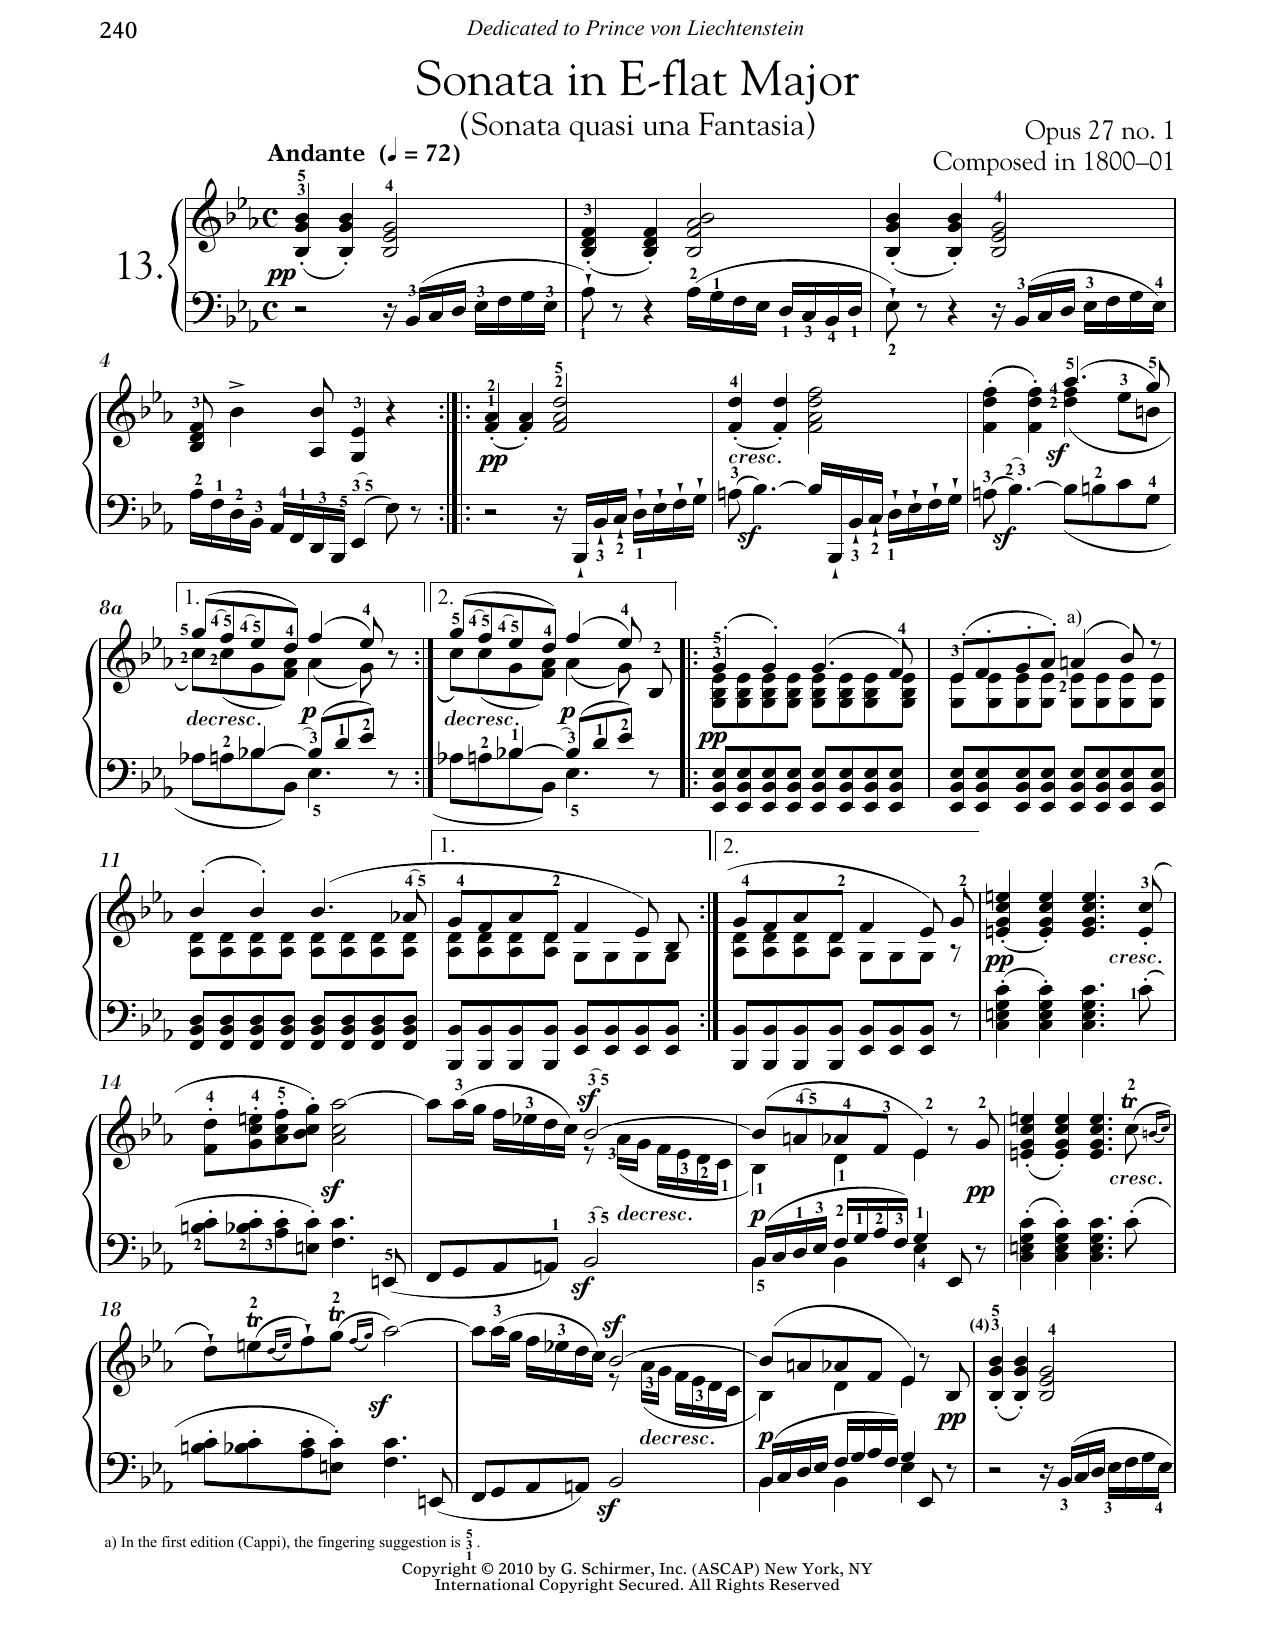 Piano Sonata No. 13 In E-flat Major, Op. 27, No. 1 Partituras Digitales